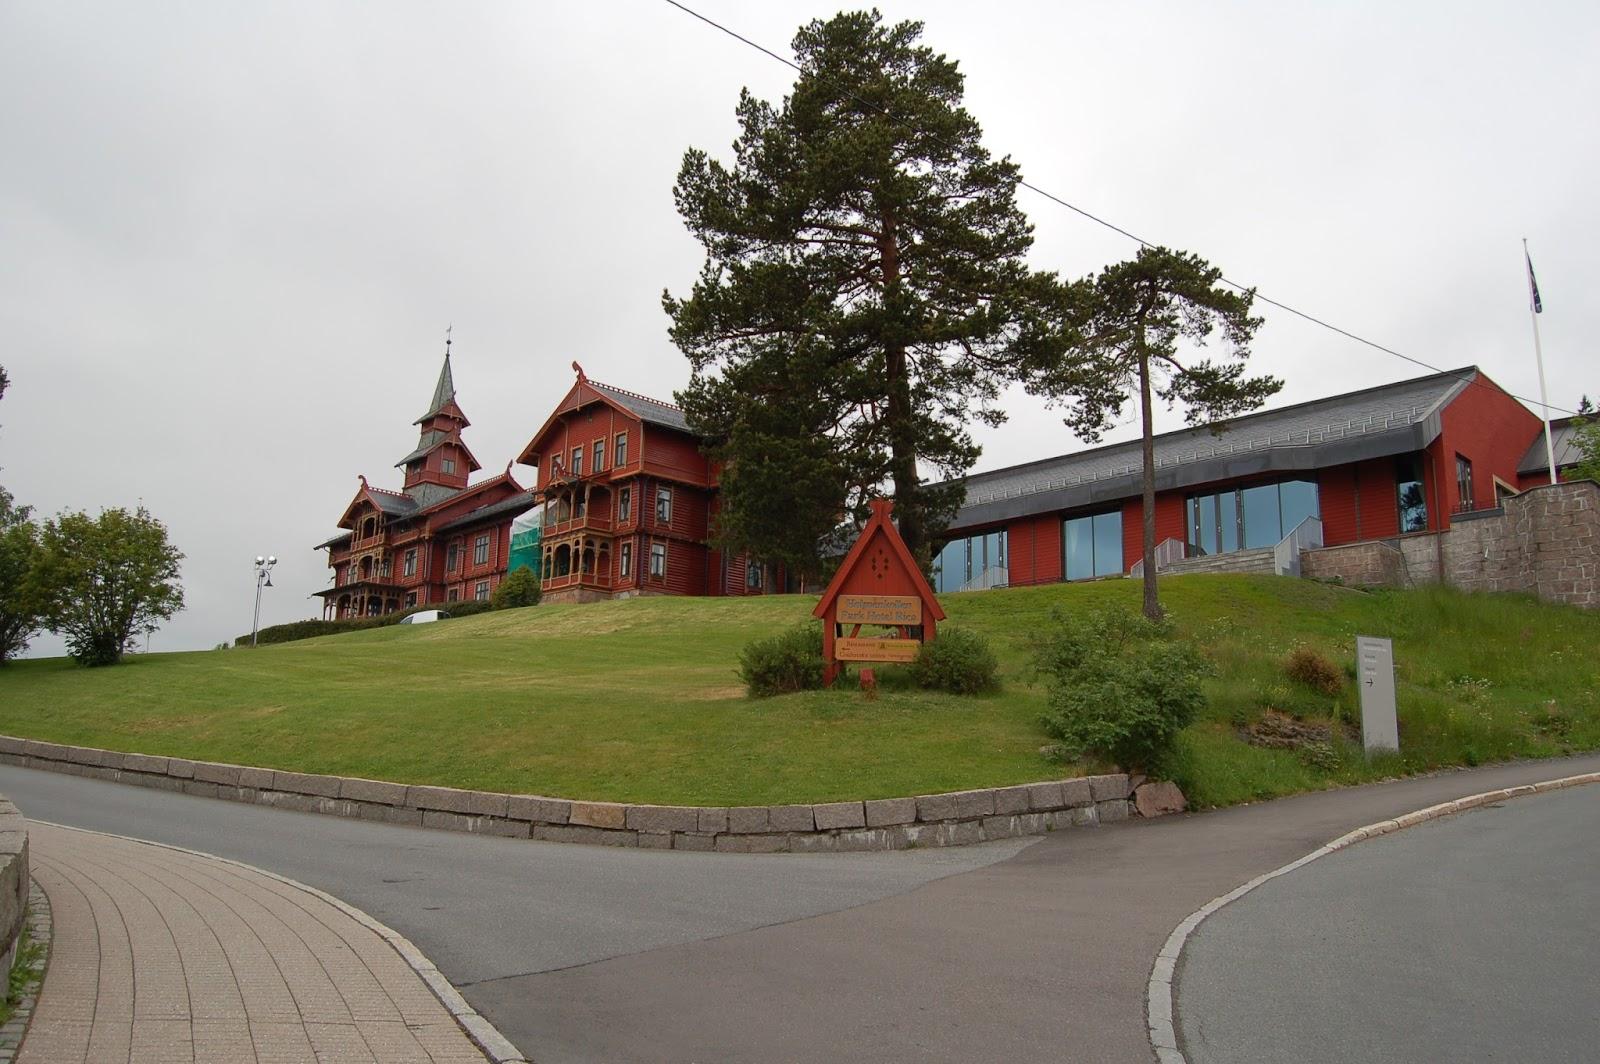 Holemnkollen, hotele, Oslo, Norwegia